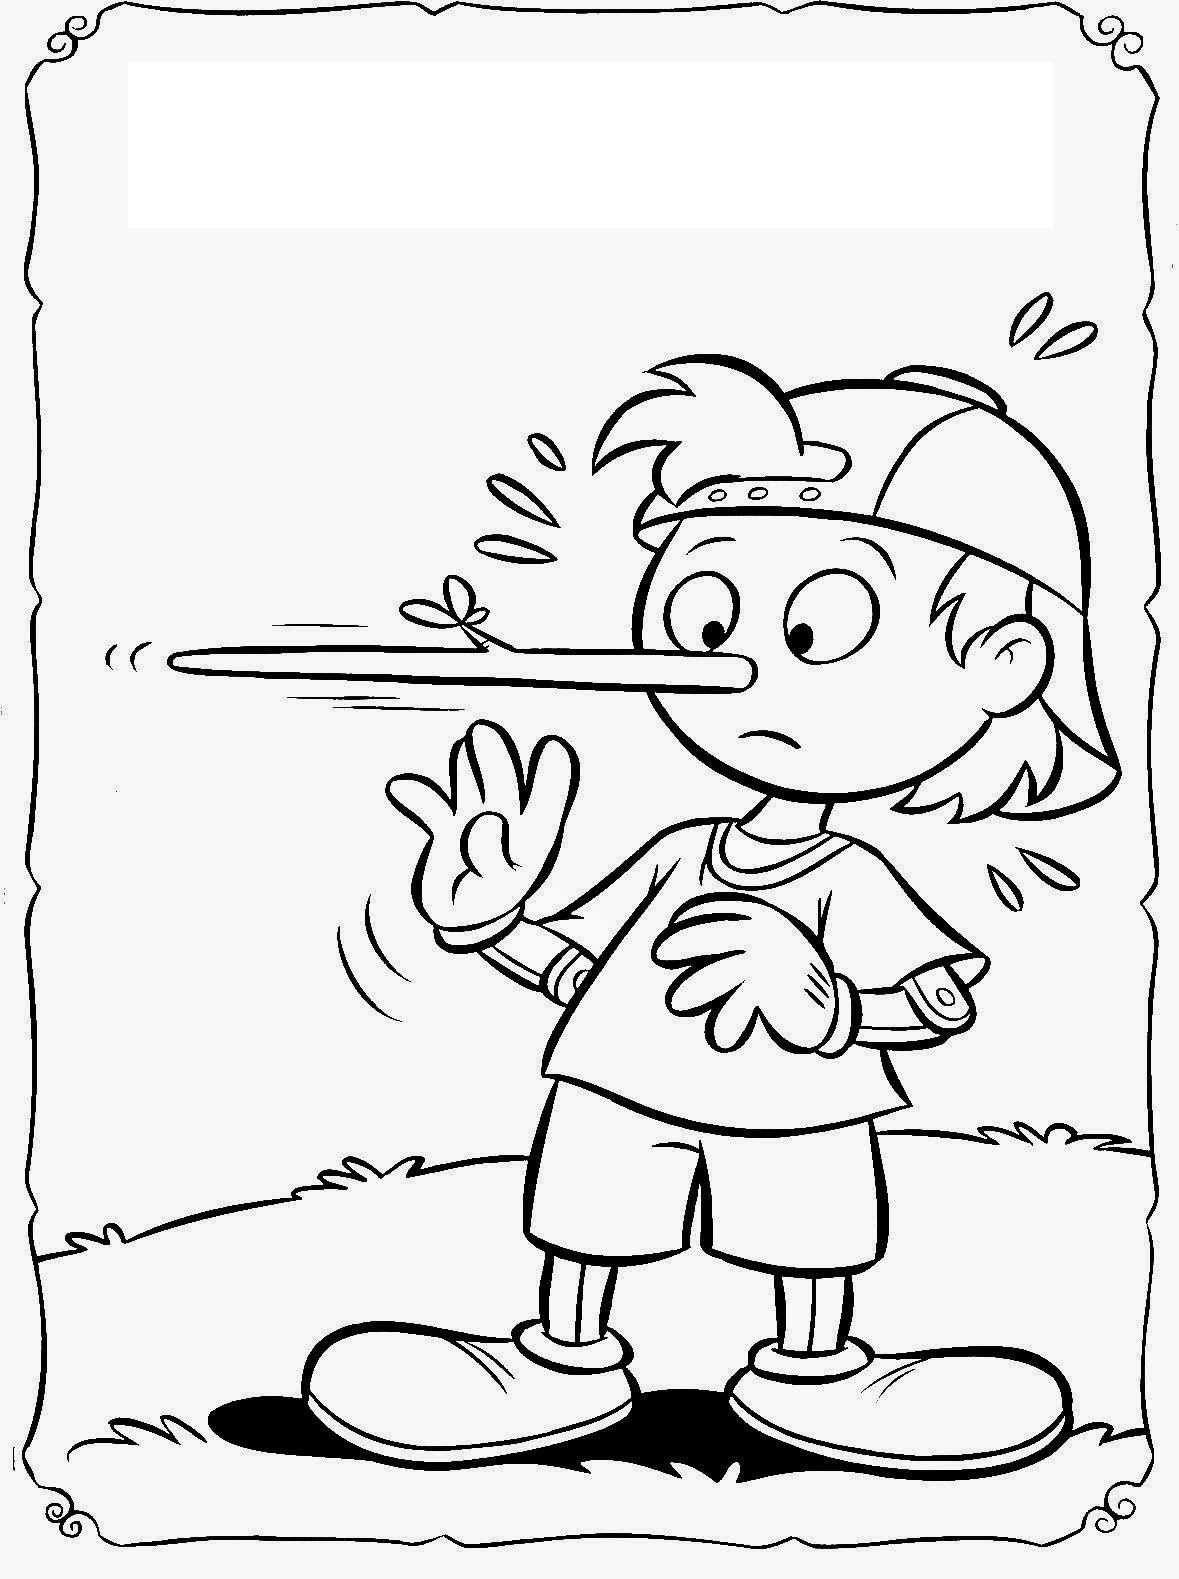 Pinokyo Hikaye Karti Yapimi Okul Oncesi Etkinlik Faliyetleri Madamteacher Com Pinocchio Boyama Kitaplari Boyama Sayfalari